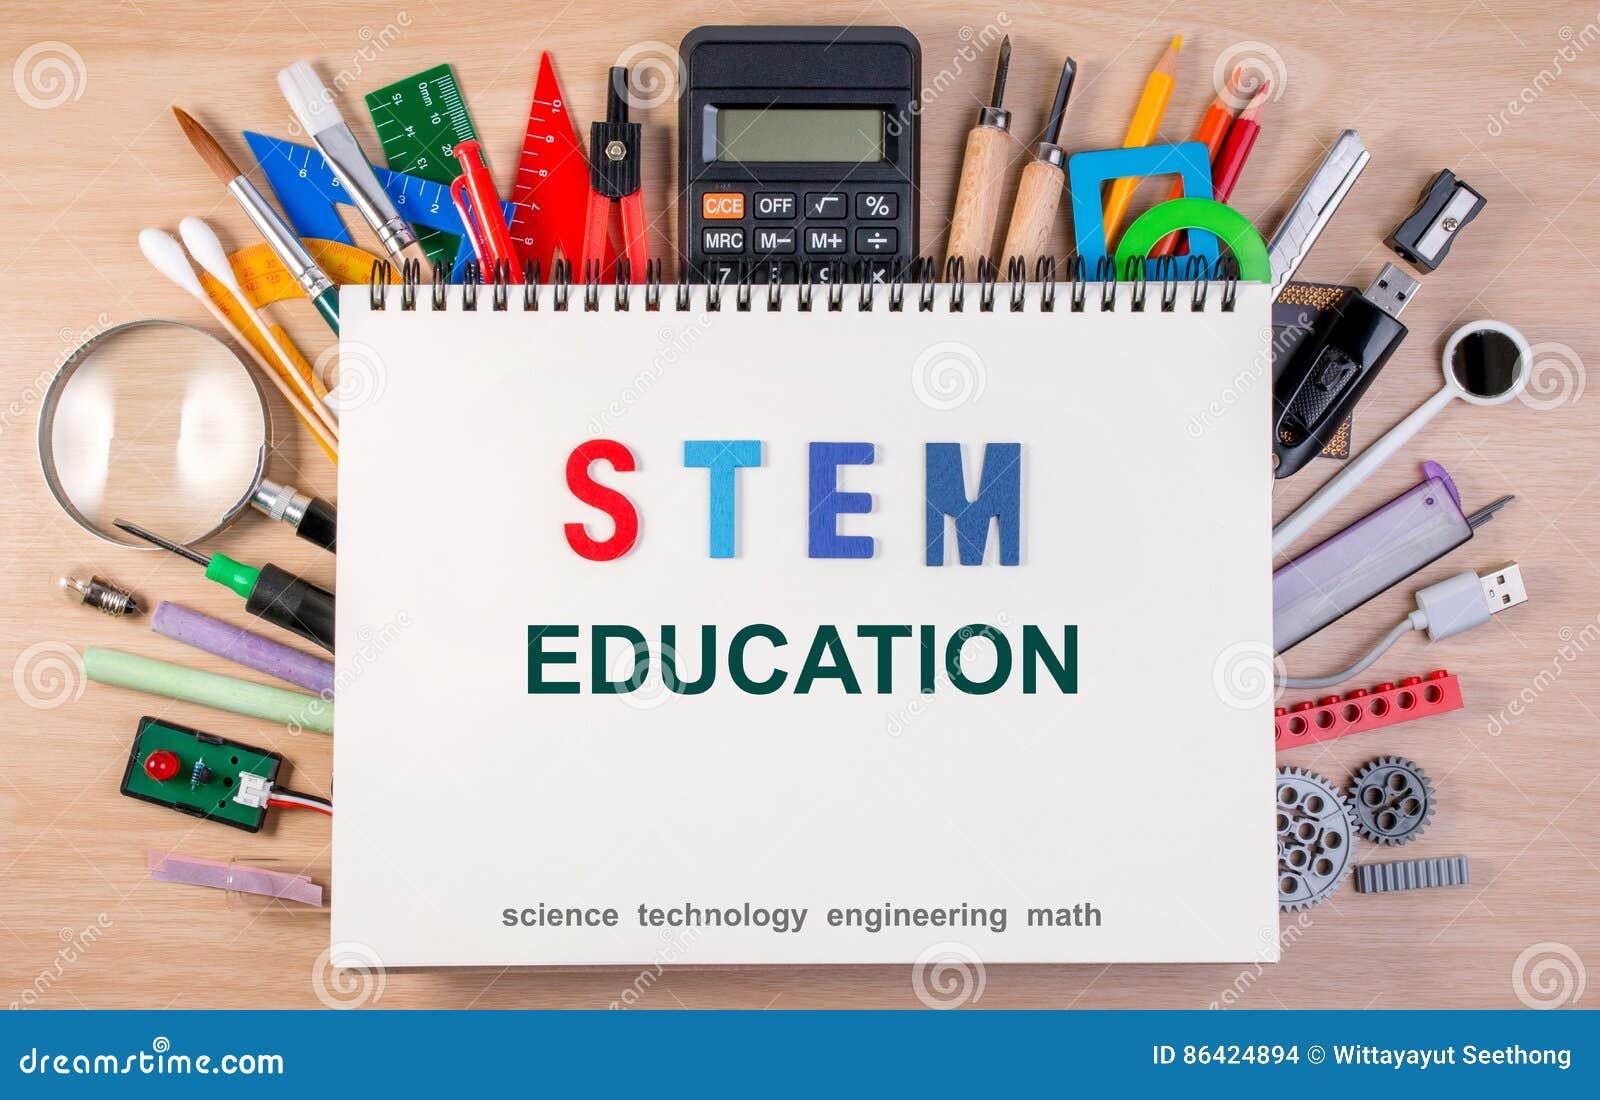 ЗАПРУДИТЕ текст образования на тетради над школьными принадлежностями или офисом s